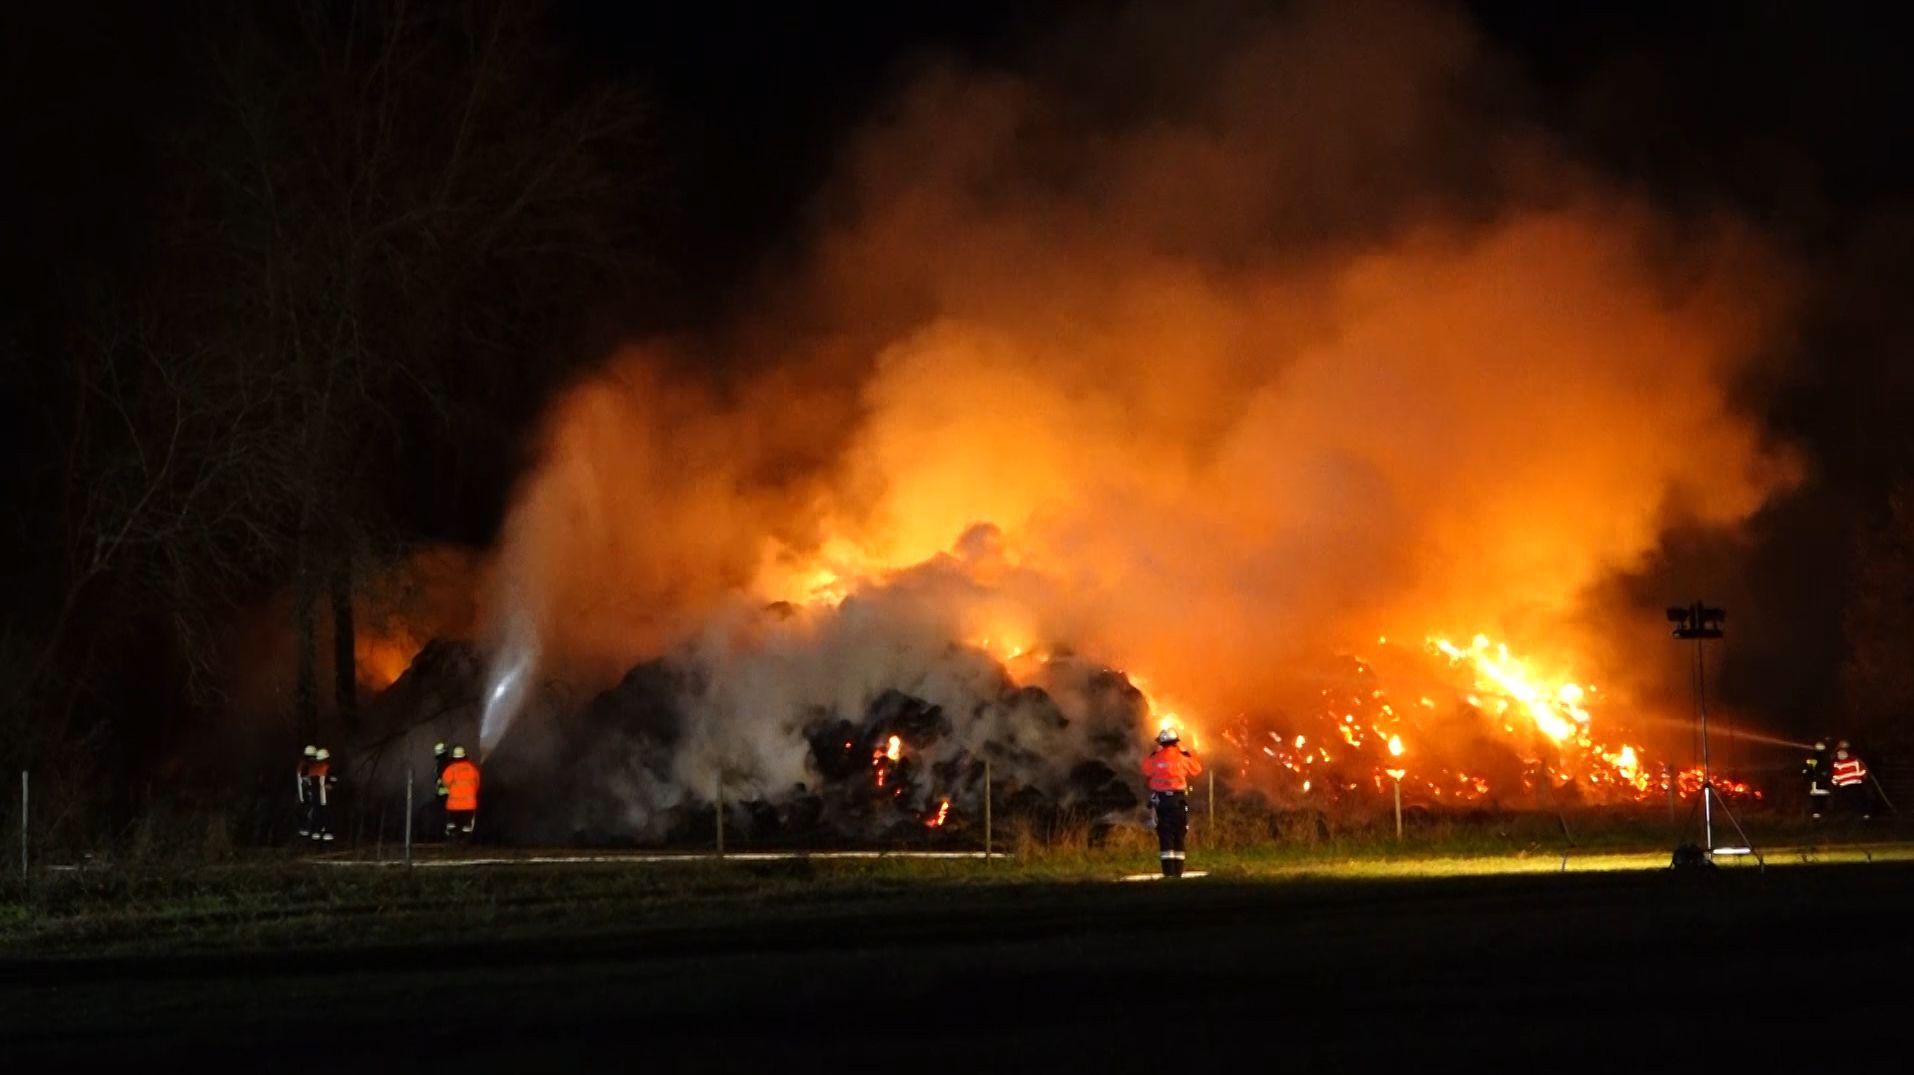 Feuerwehr löscht Großbrand von etwa 1.000 Strohballen